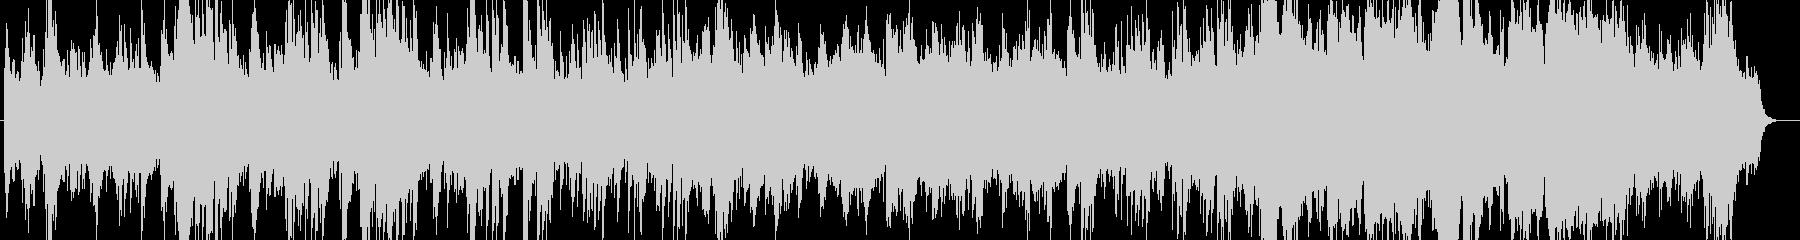 透明感のあるピアノシンセサウンドの未再生の波形